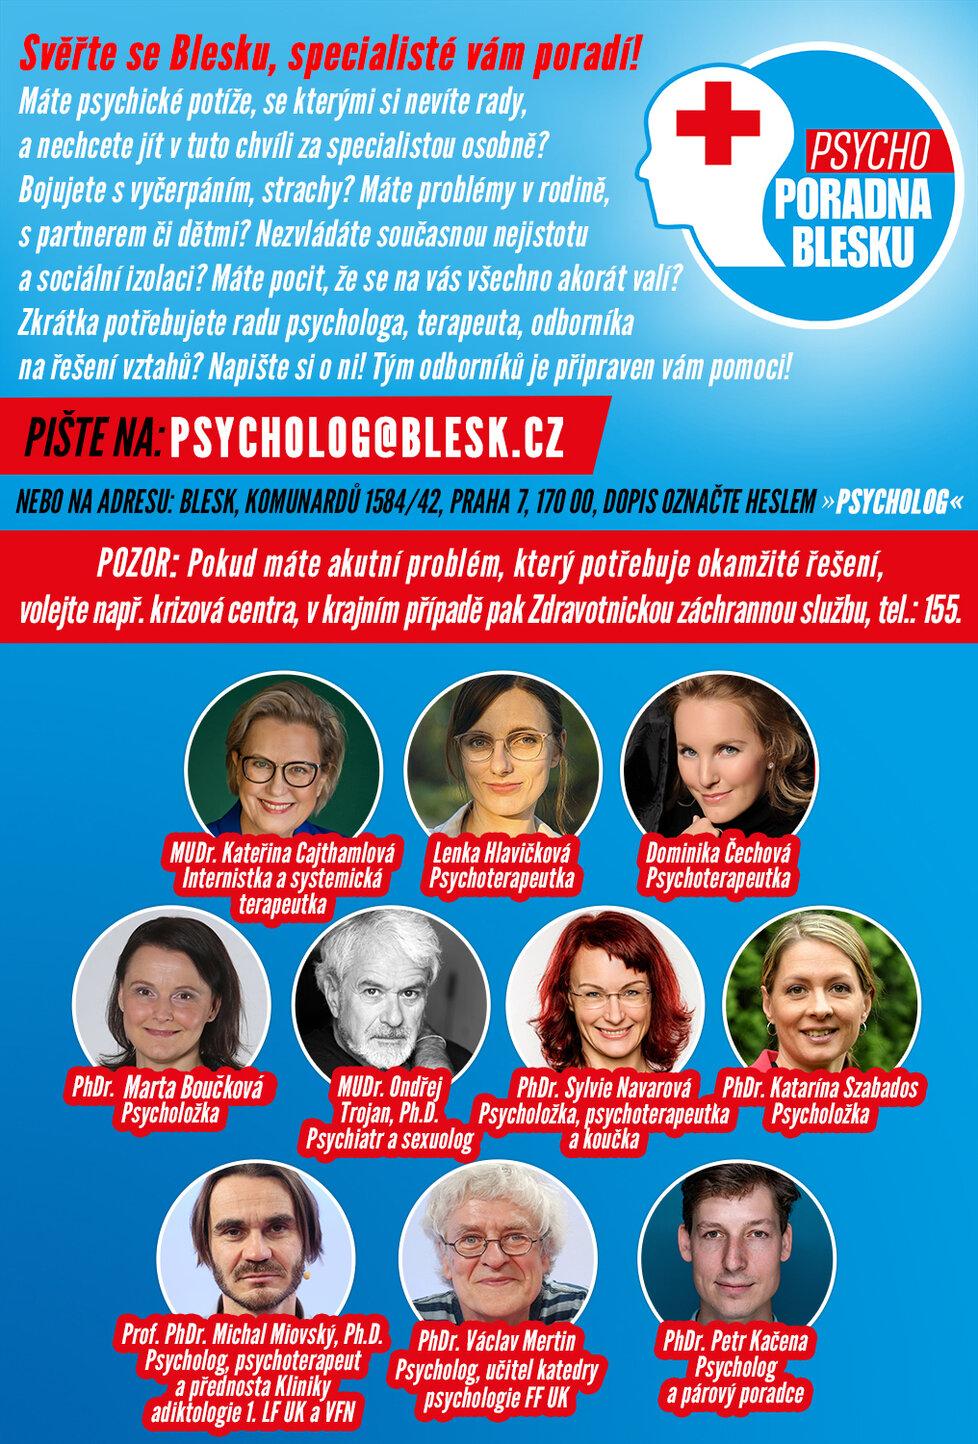 Psychoporadna Blesku: Svěřte se, specialisté vám poradí.